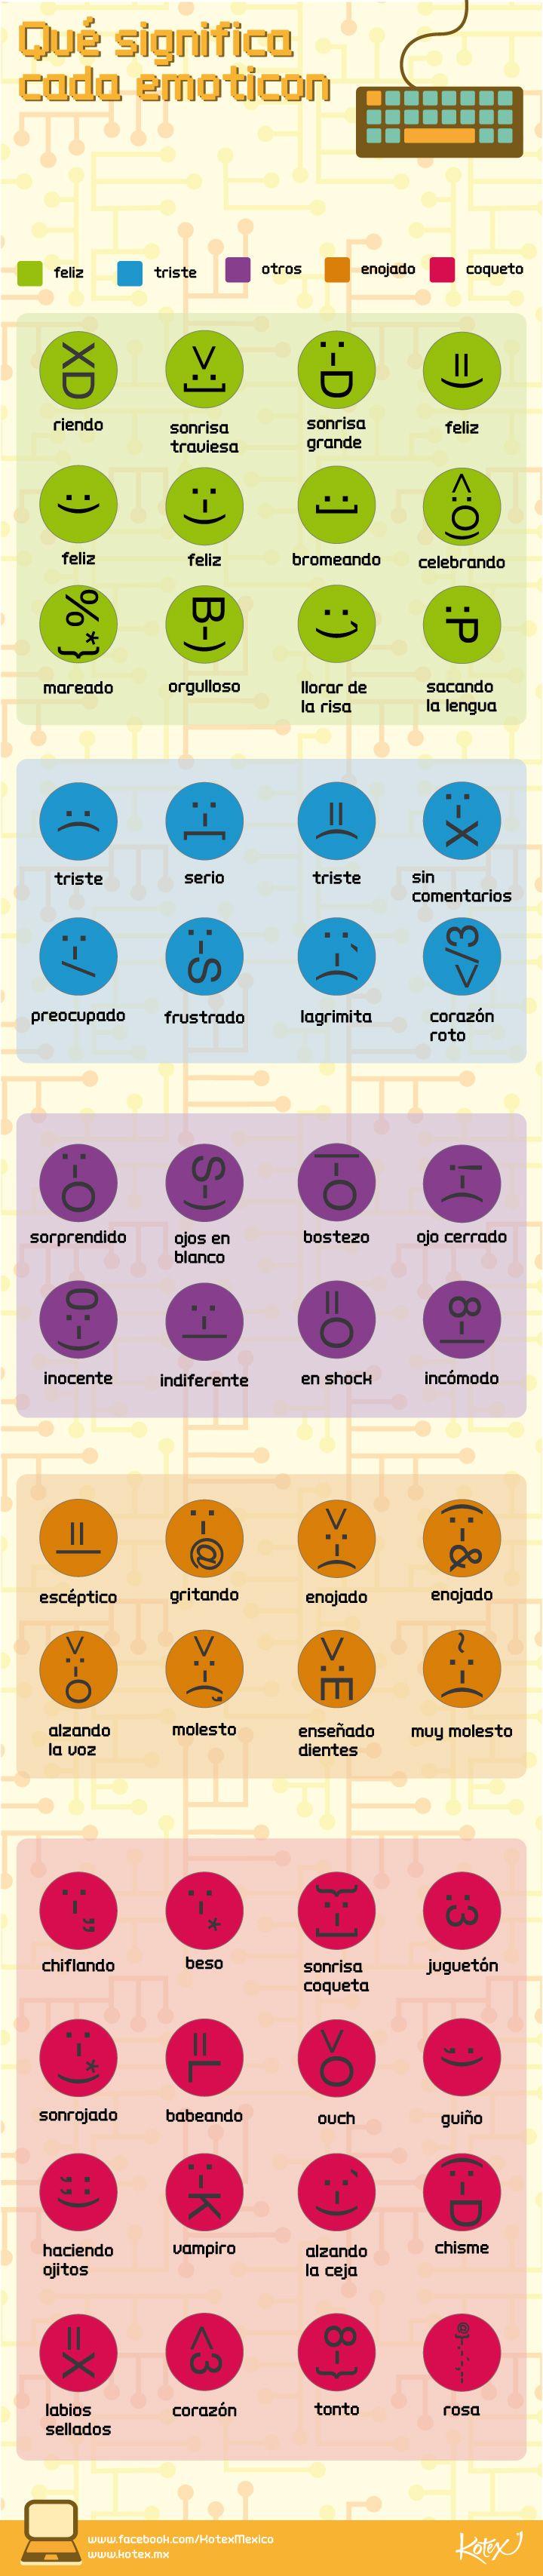 Los emoticones, ¿sabes qué significa cada uno de ellos?     #infografia #emoticon #geekgirl